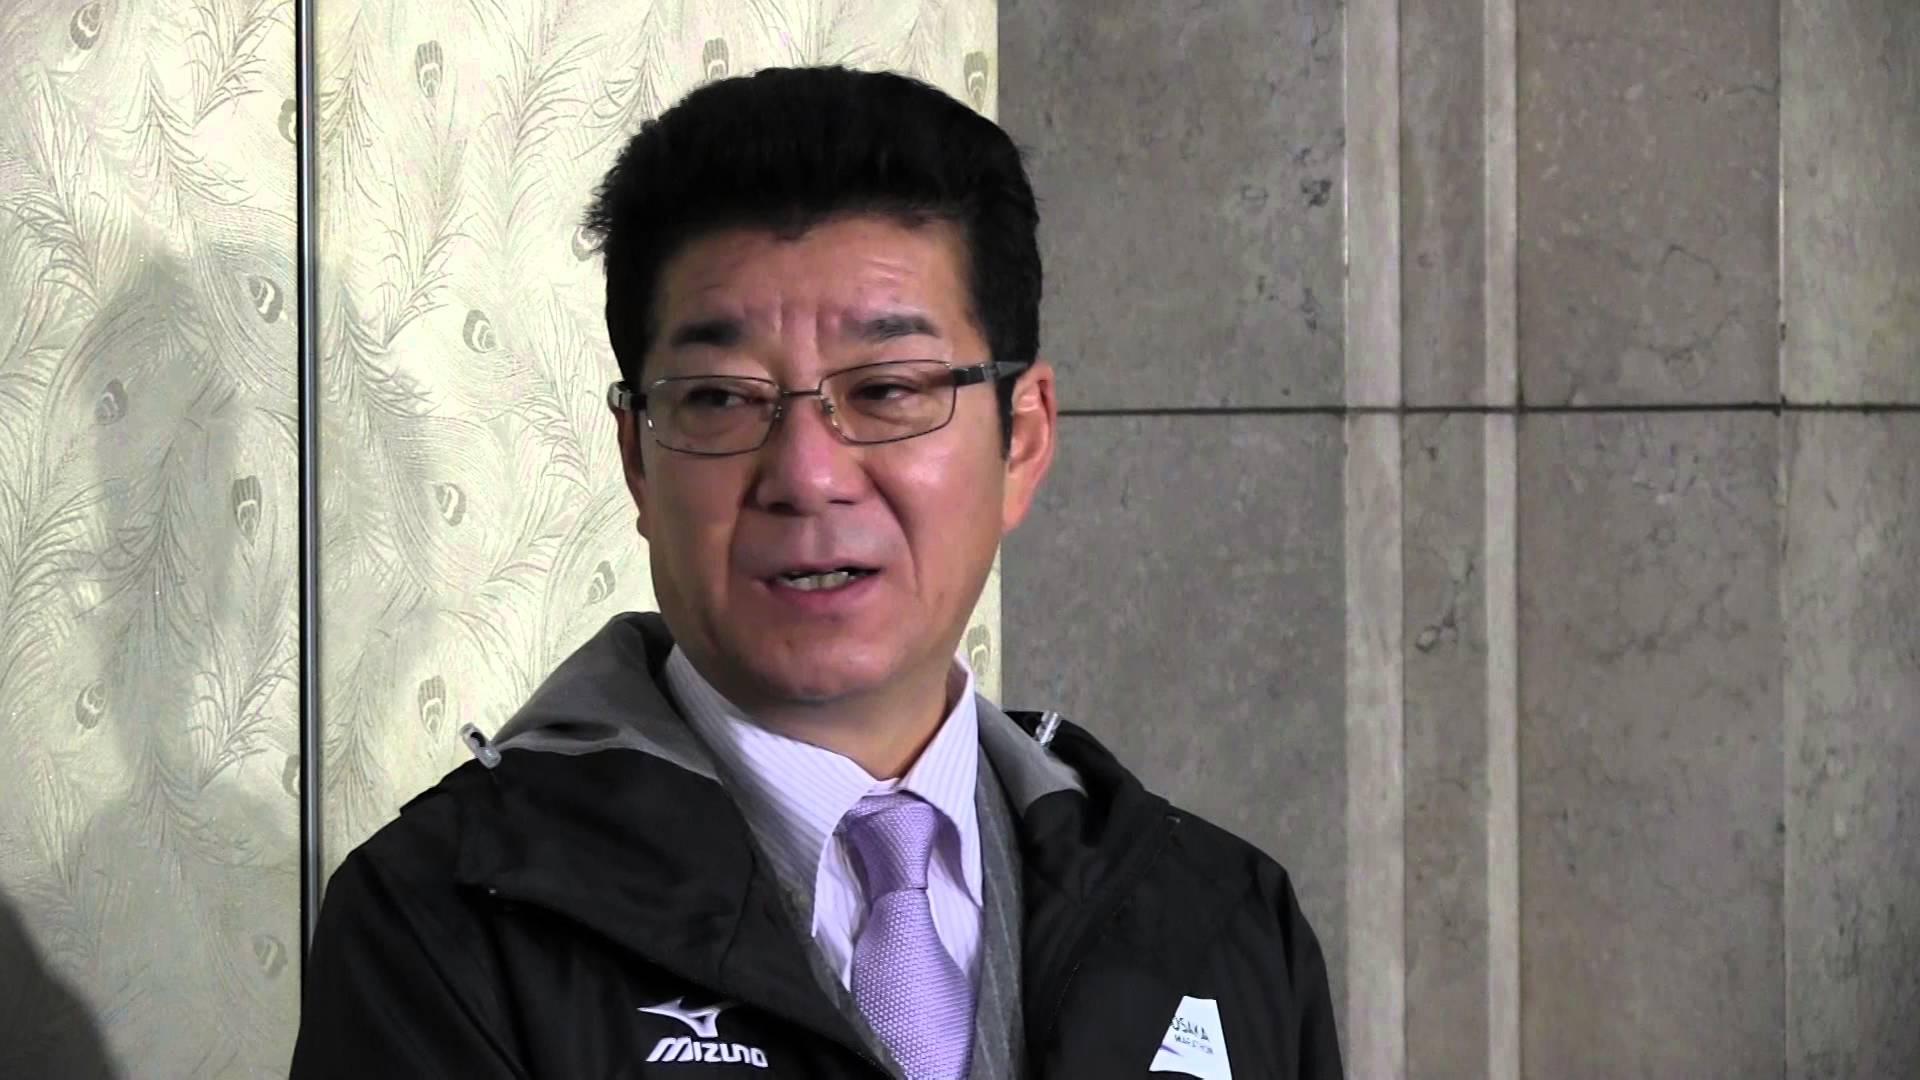 松井知事「民主党、嫌がらせイジメ、子供じみている」 ぶら下がり会見 2016.1.8